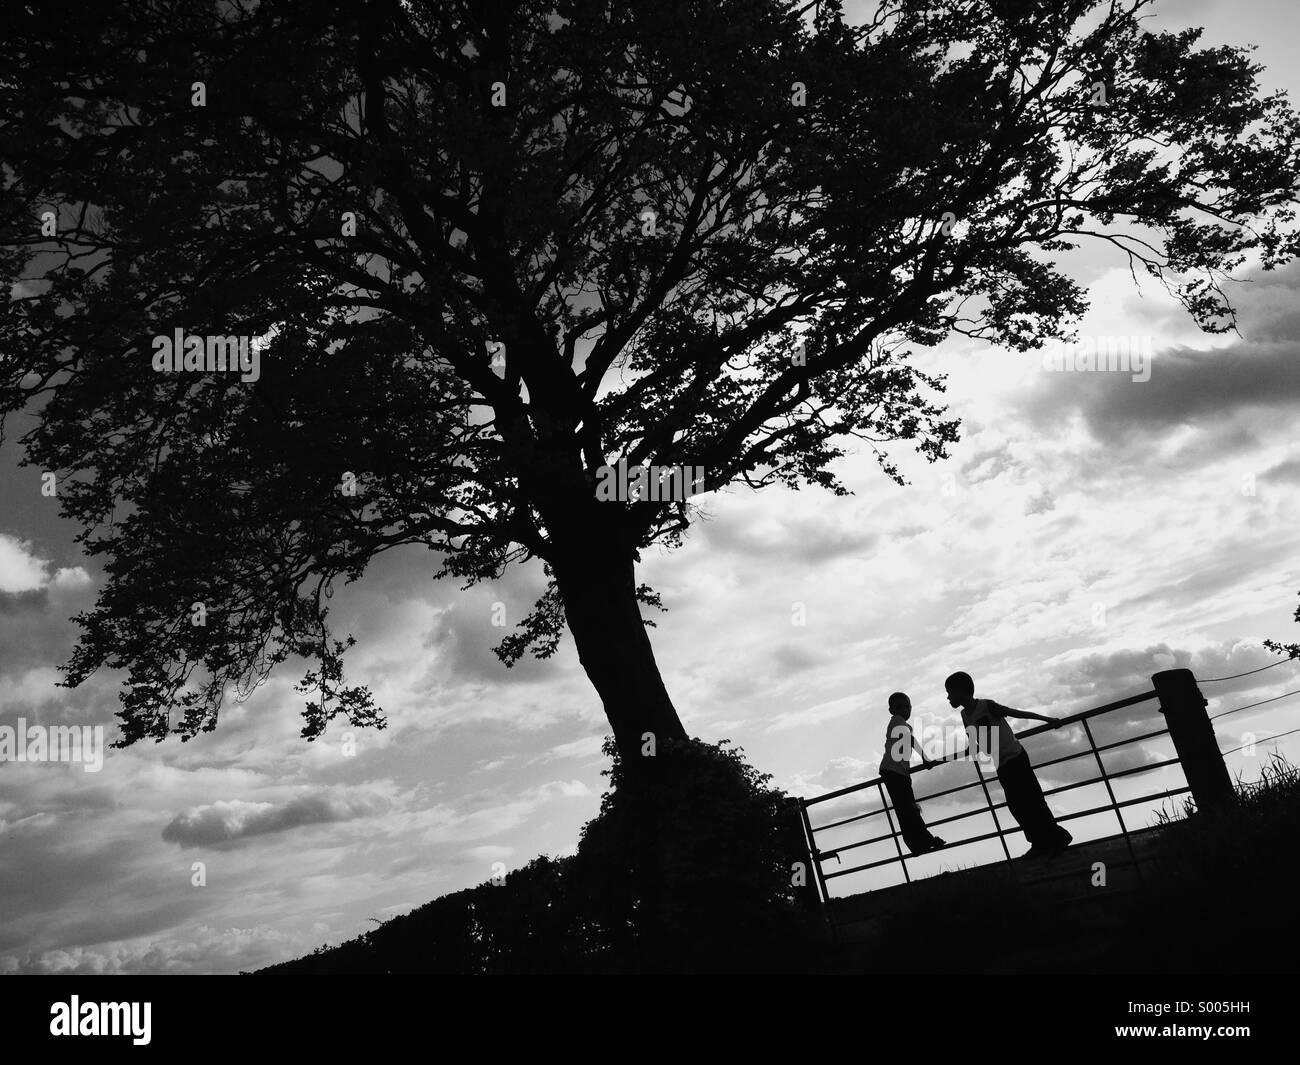 Deux enfants silhouette debout sur une porte à côté d'un grand arbre Photo Stock